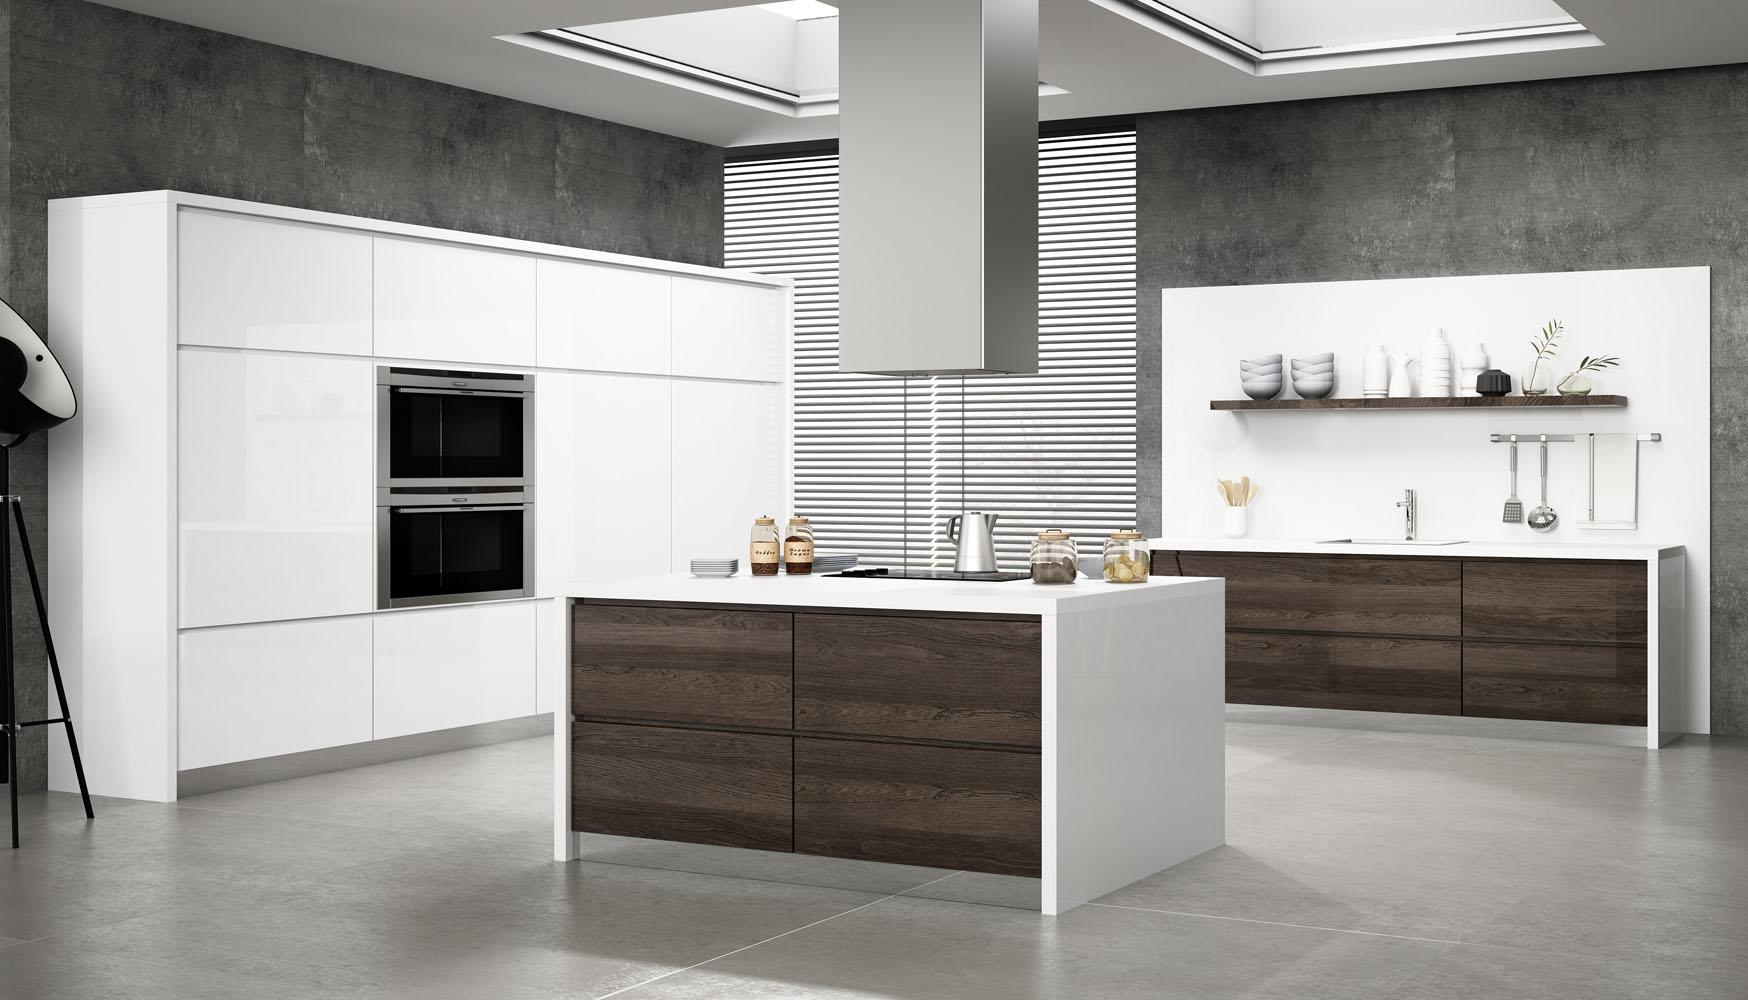 Cocinas Modernas Blancas Y Madera Faro By Alvic